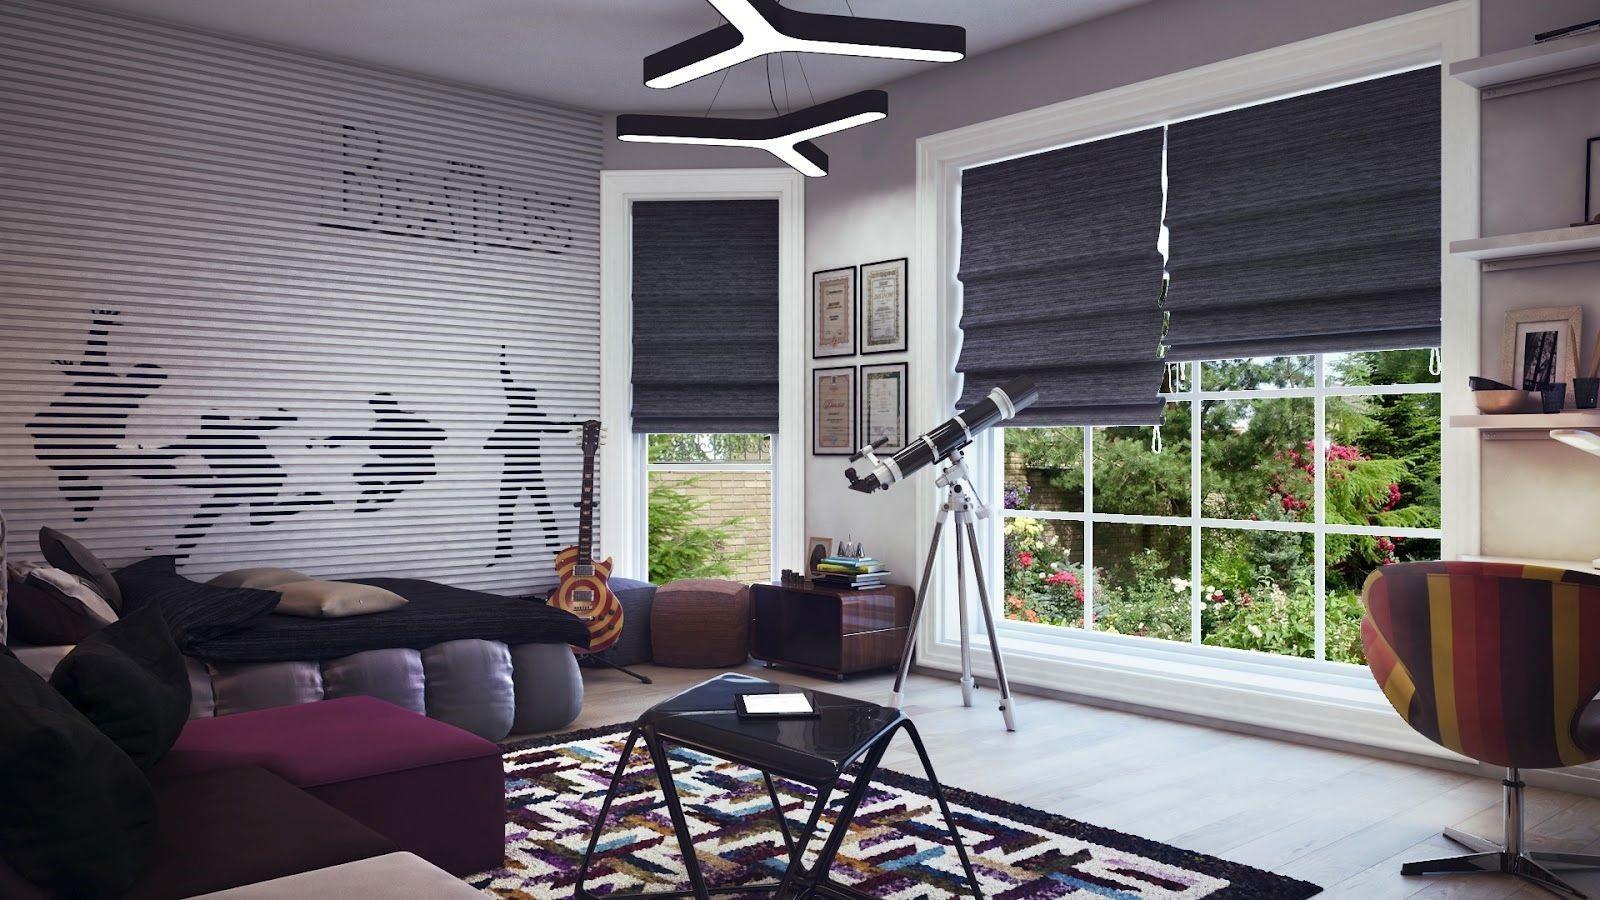 Шторы для комнаты подростка: какой тип занавесок выбрать, дизайн, рисунок, модные решения